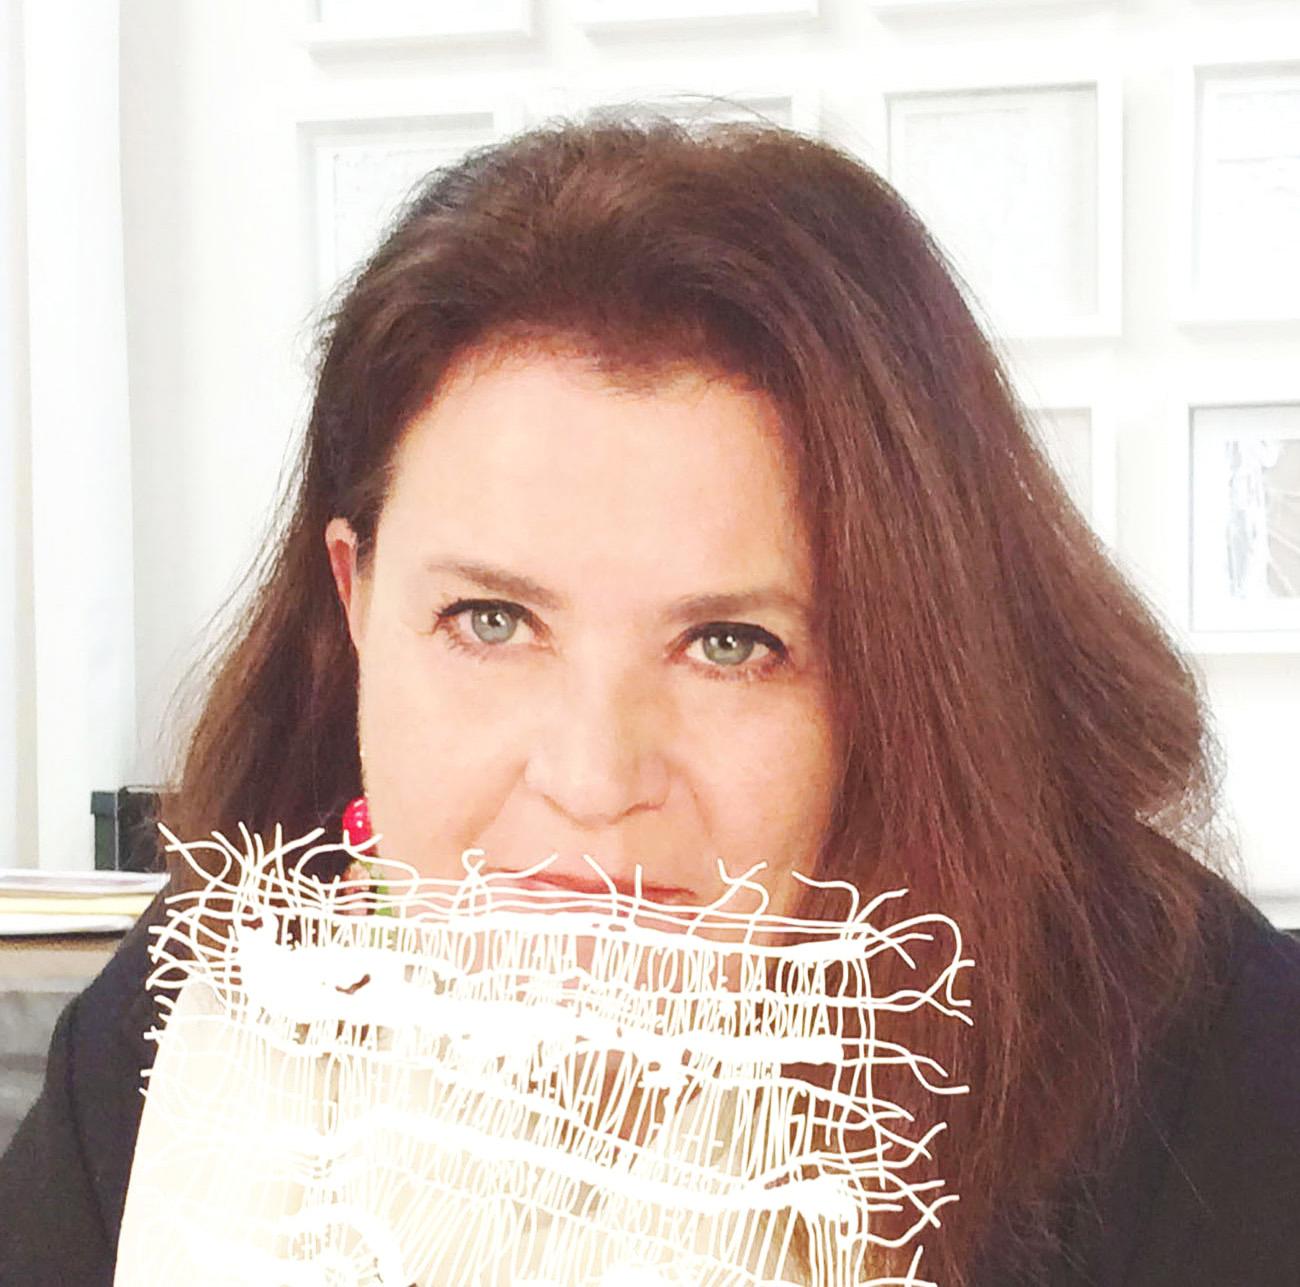 Elena Pellicoro